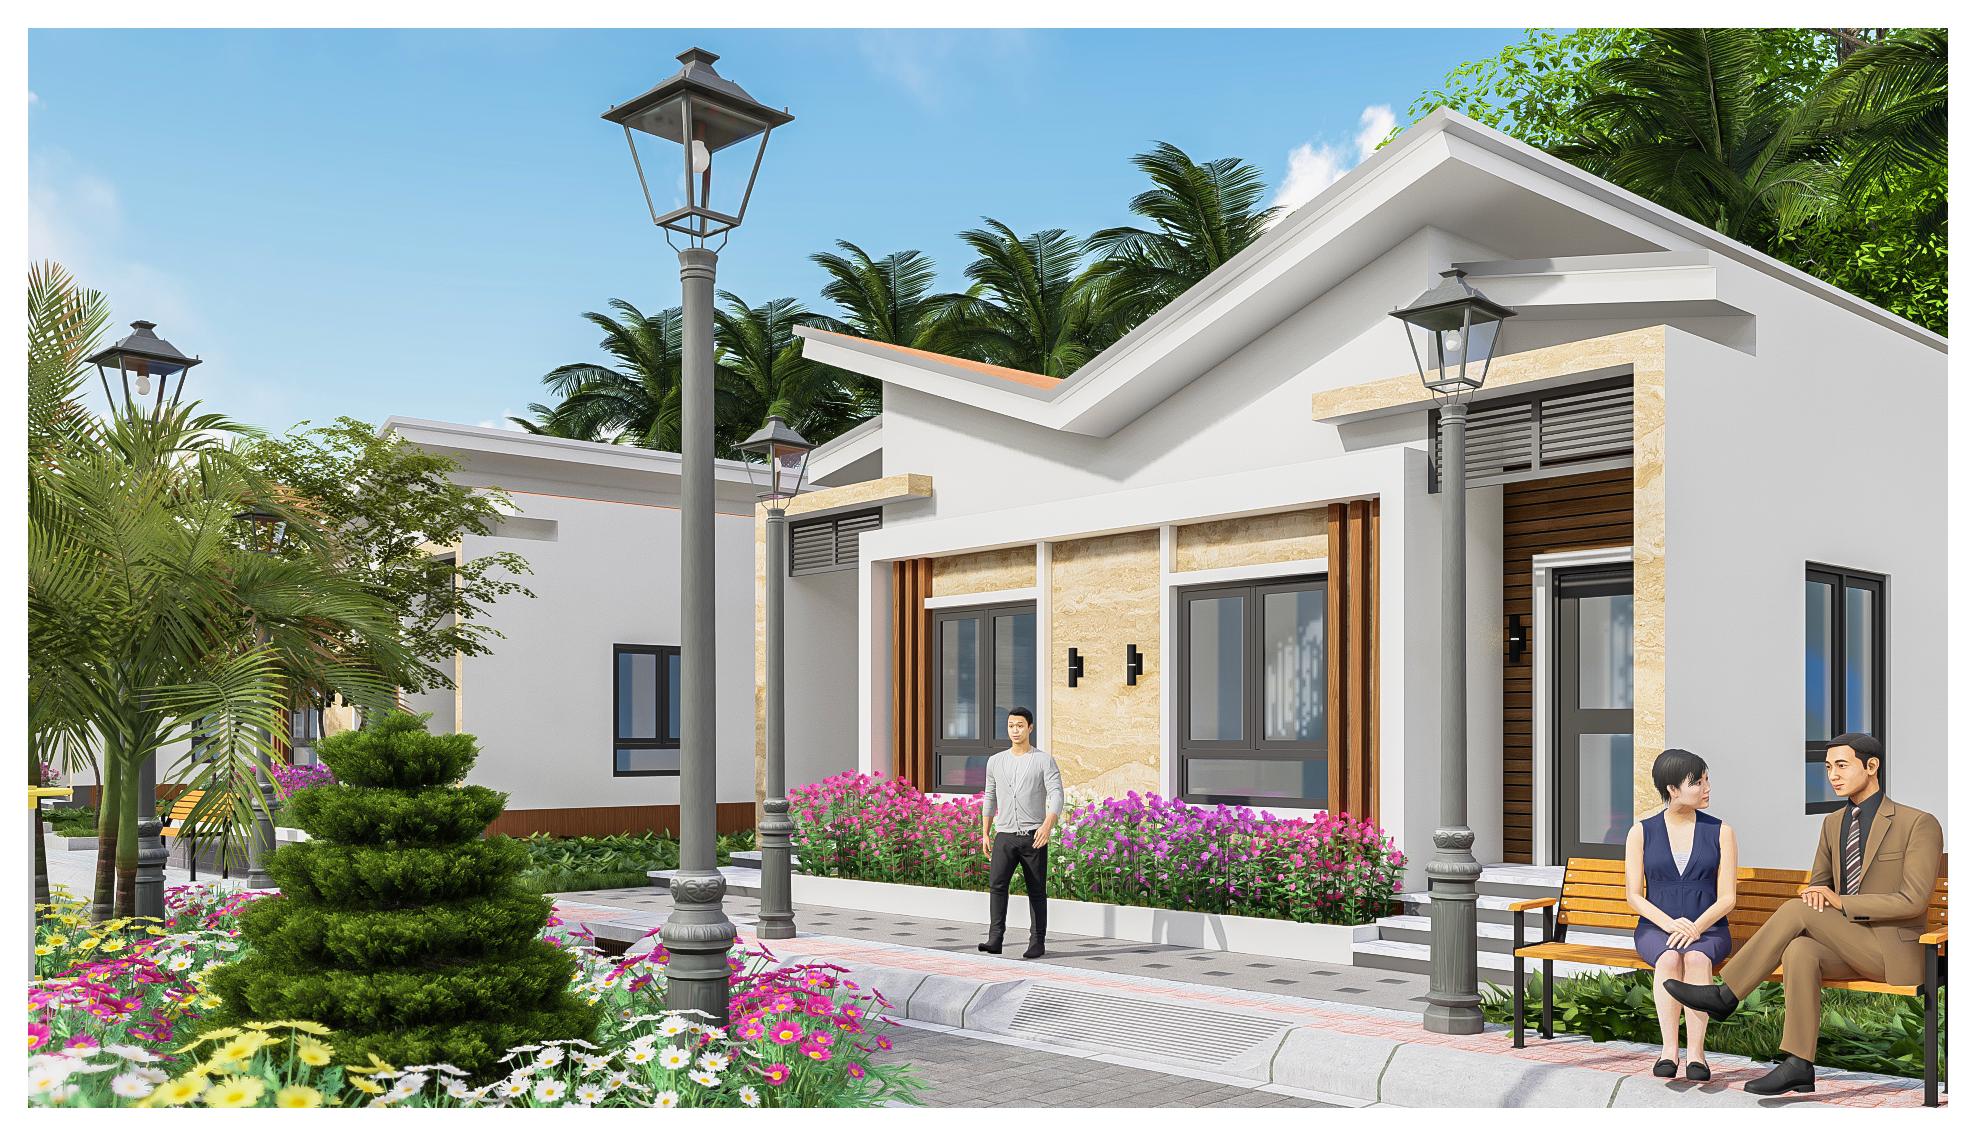 thiết kế Resort Khu Nhà Ở Dòng Họ110